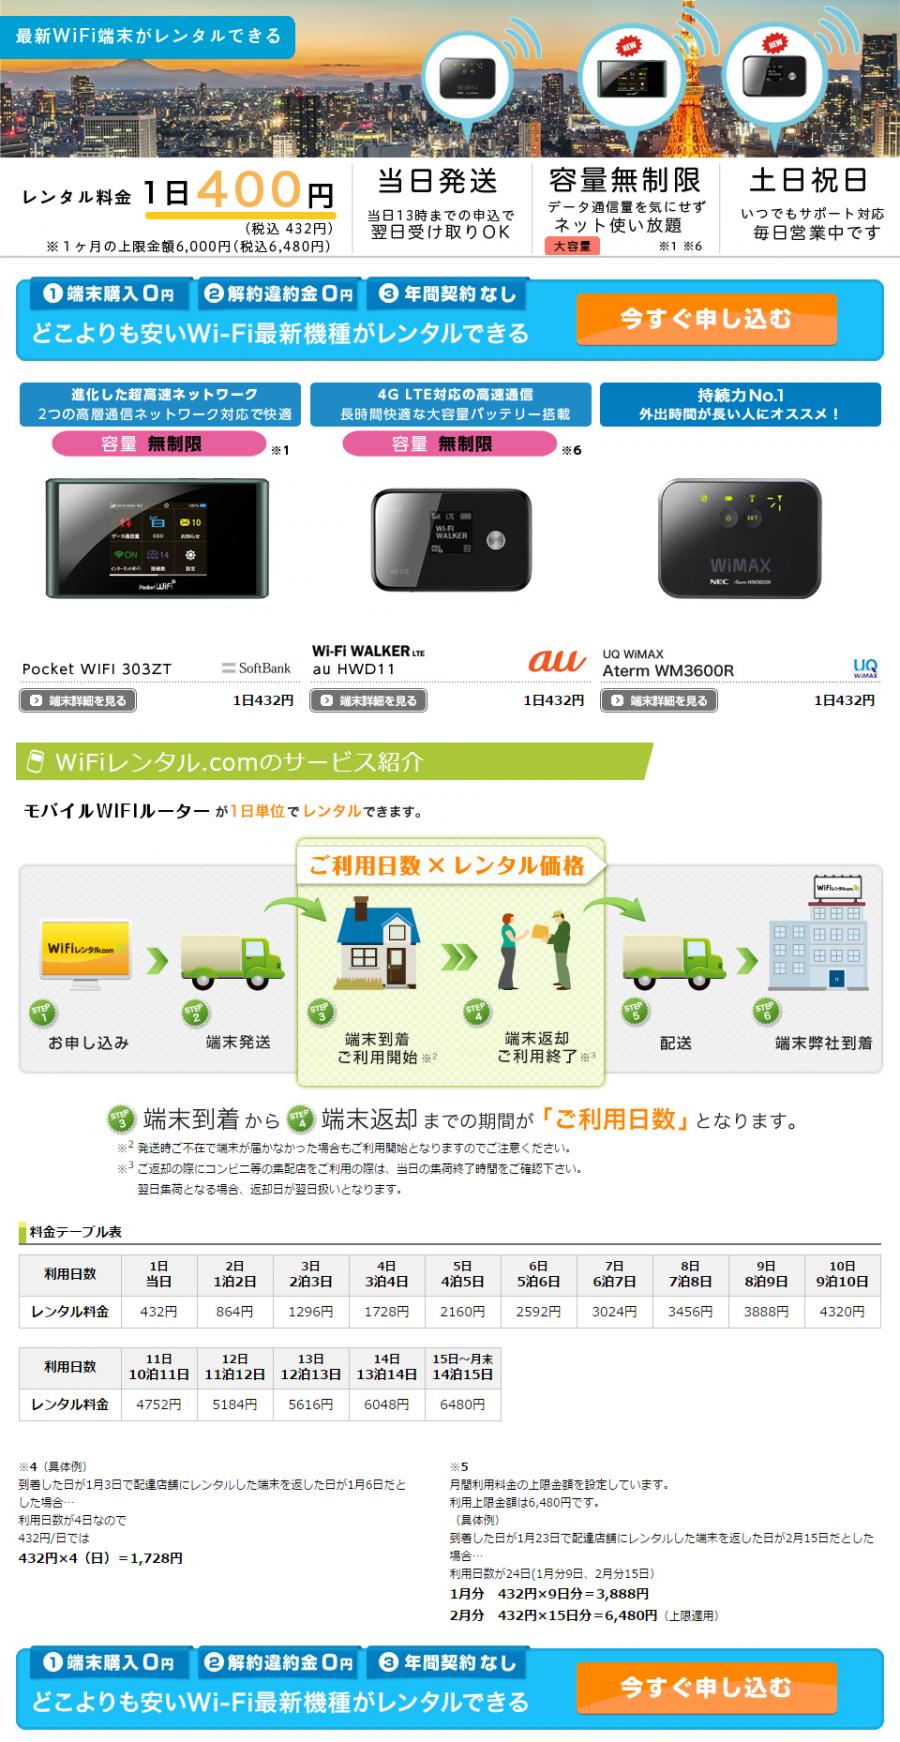 WiFi ルータ(WiMAX イーモバイル PocketWiFi)を1日からレンタル【WiFiレンタル.com】1